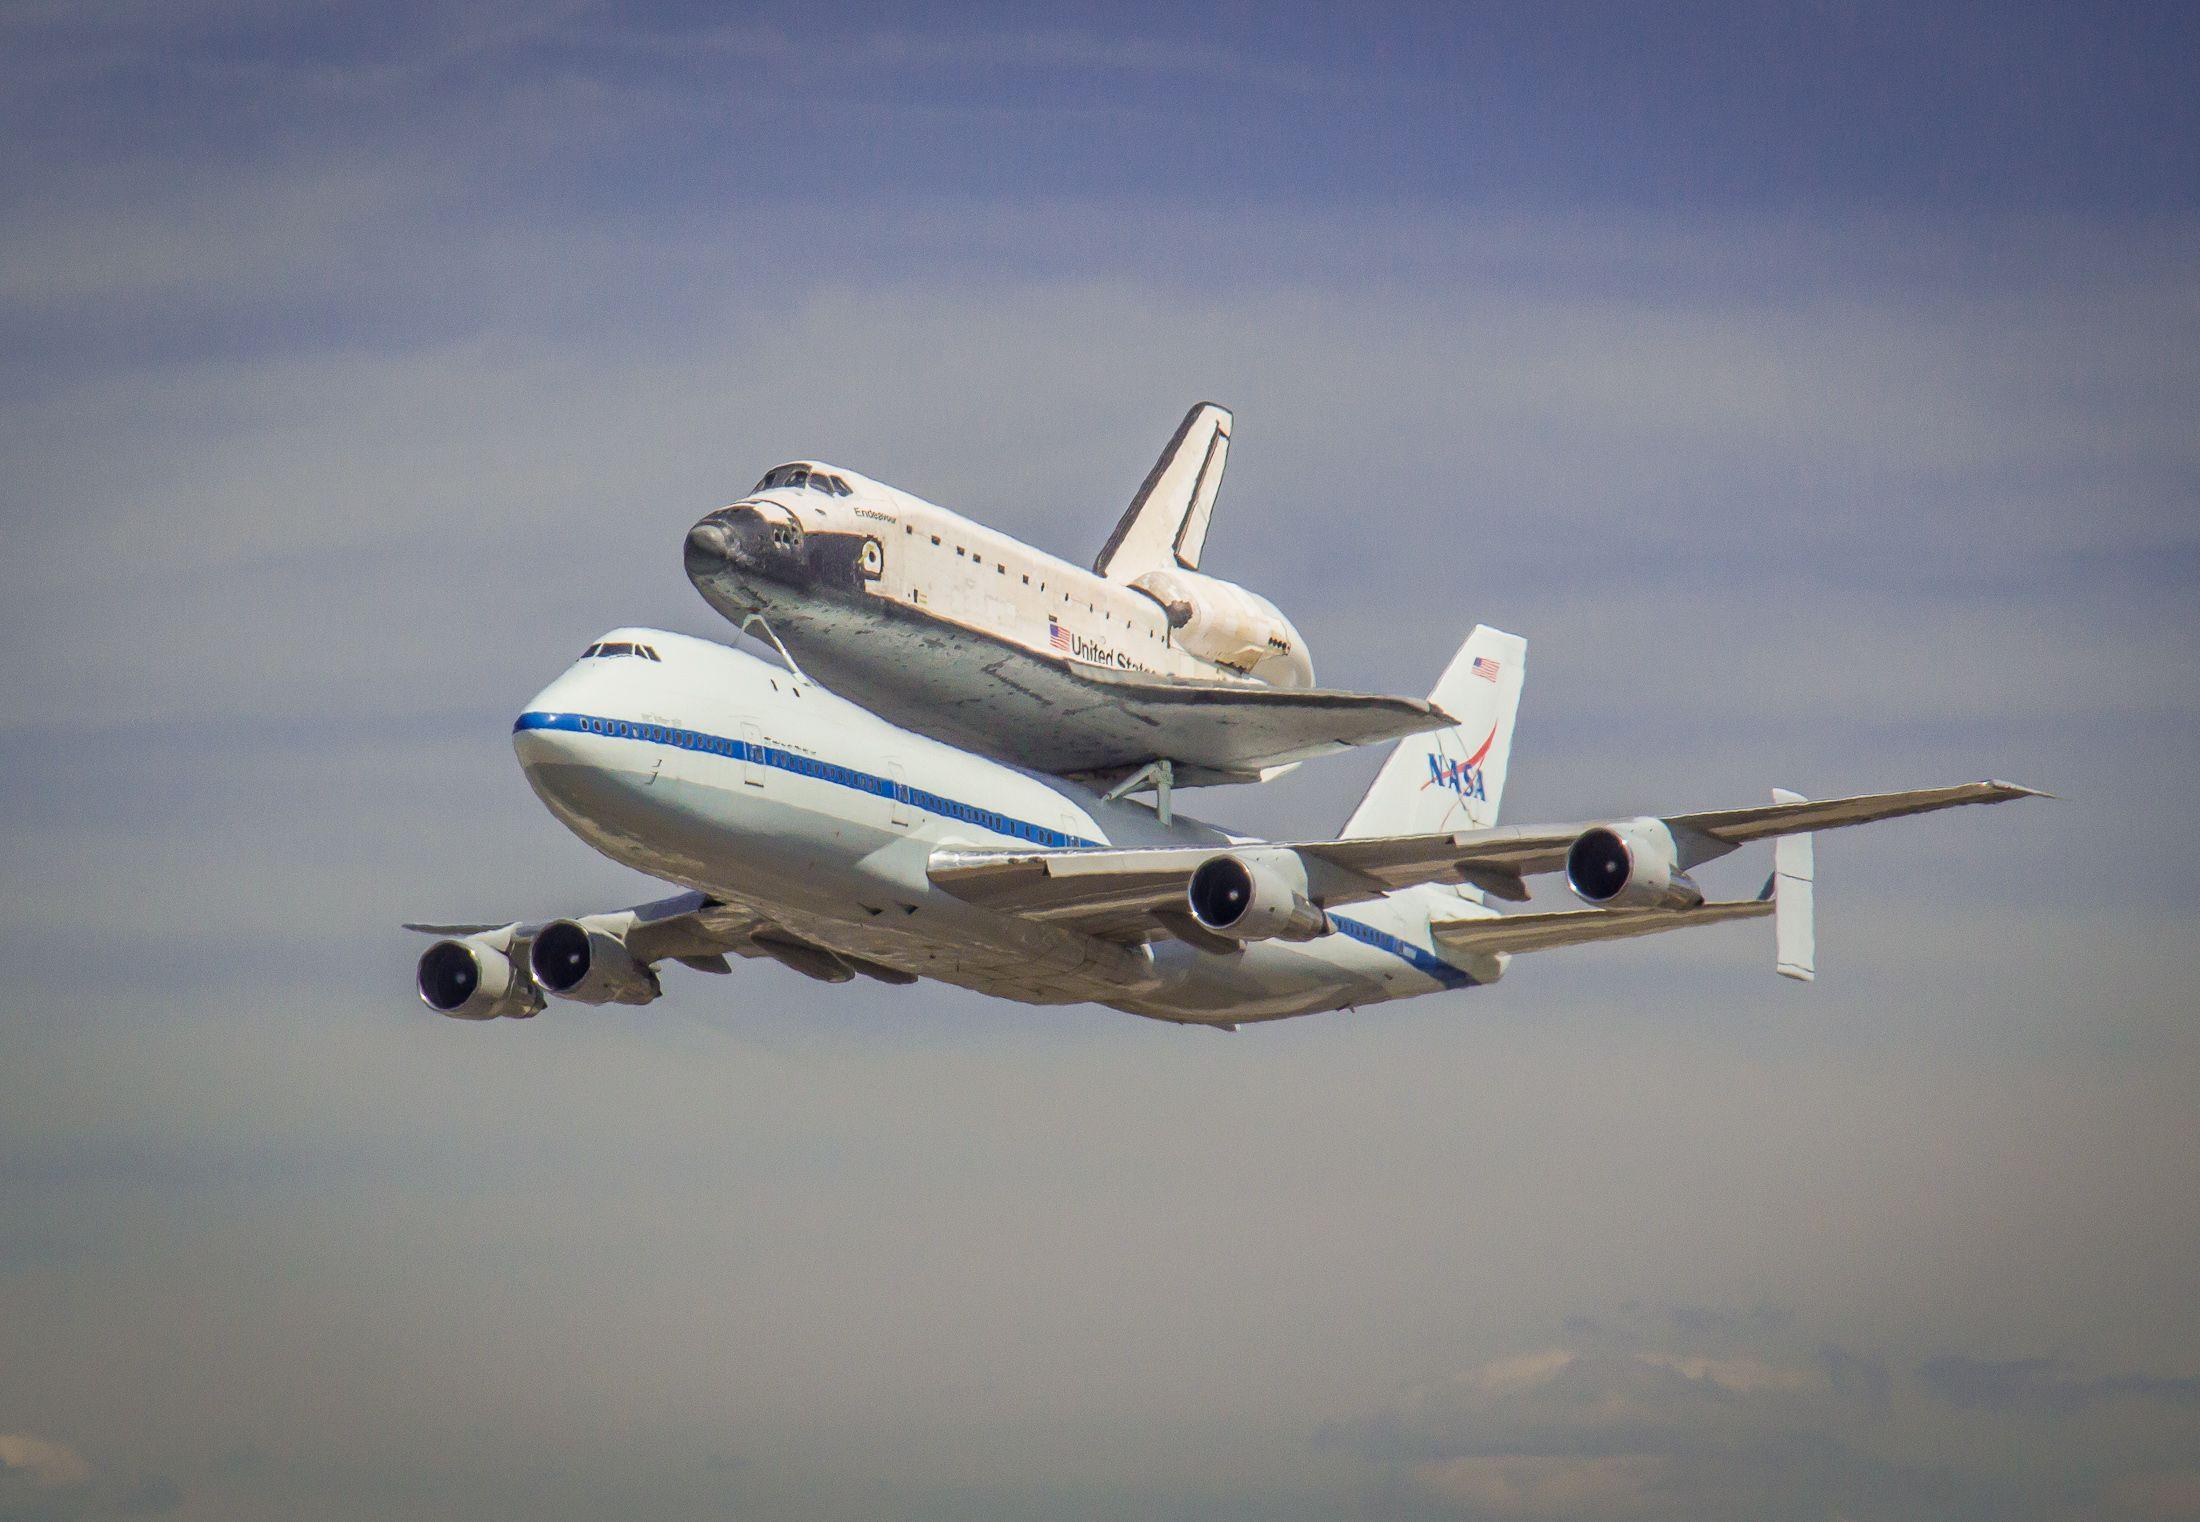 space shuttle endeavour last mission - photo #7